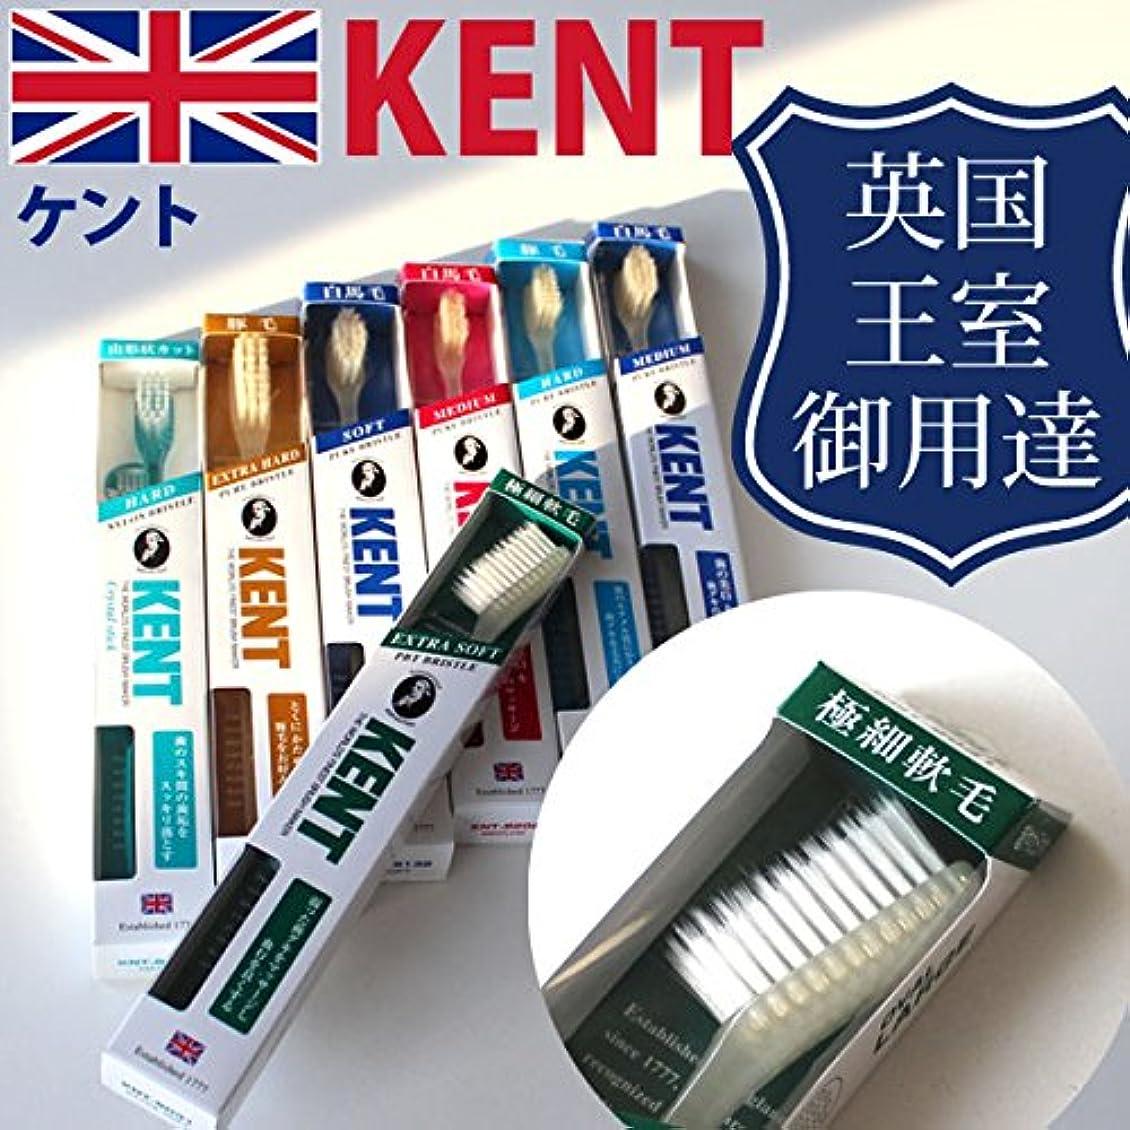 理解低下要求するケント KENT オーバルラージヘッド極細軟毛/歯ブラシKNT-9031 超やわらかめ 6本入り